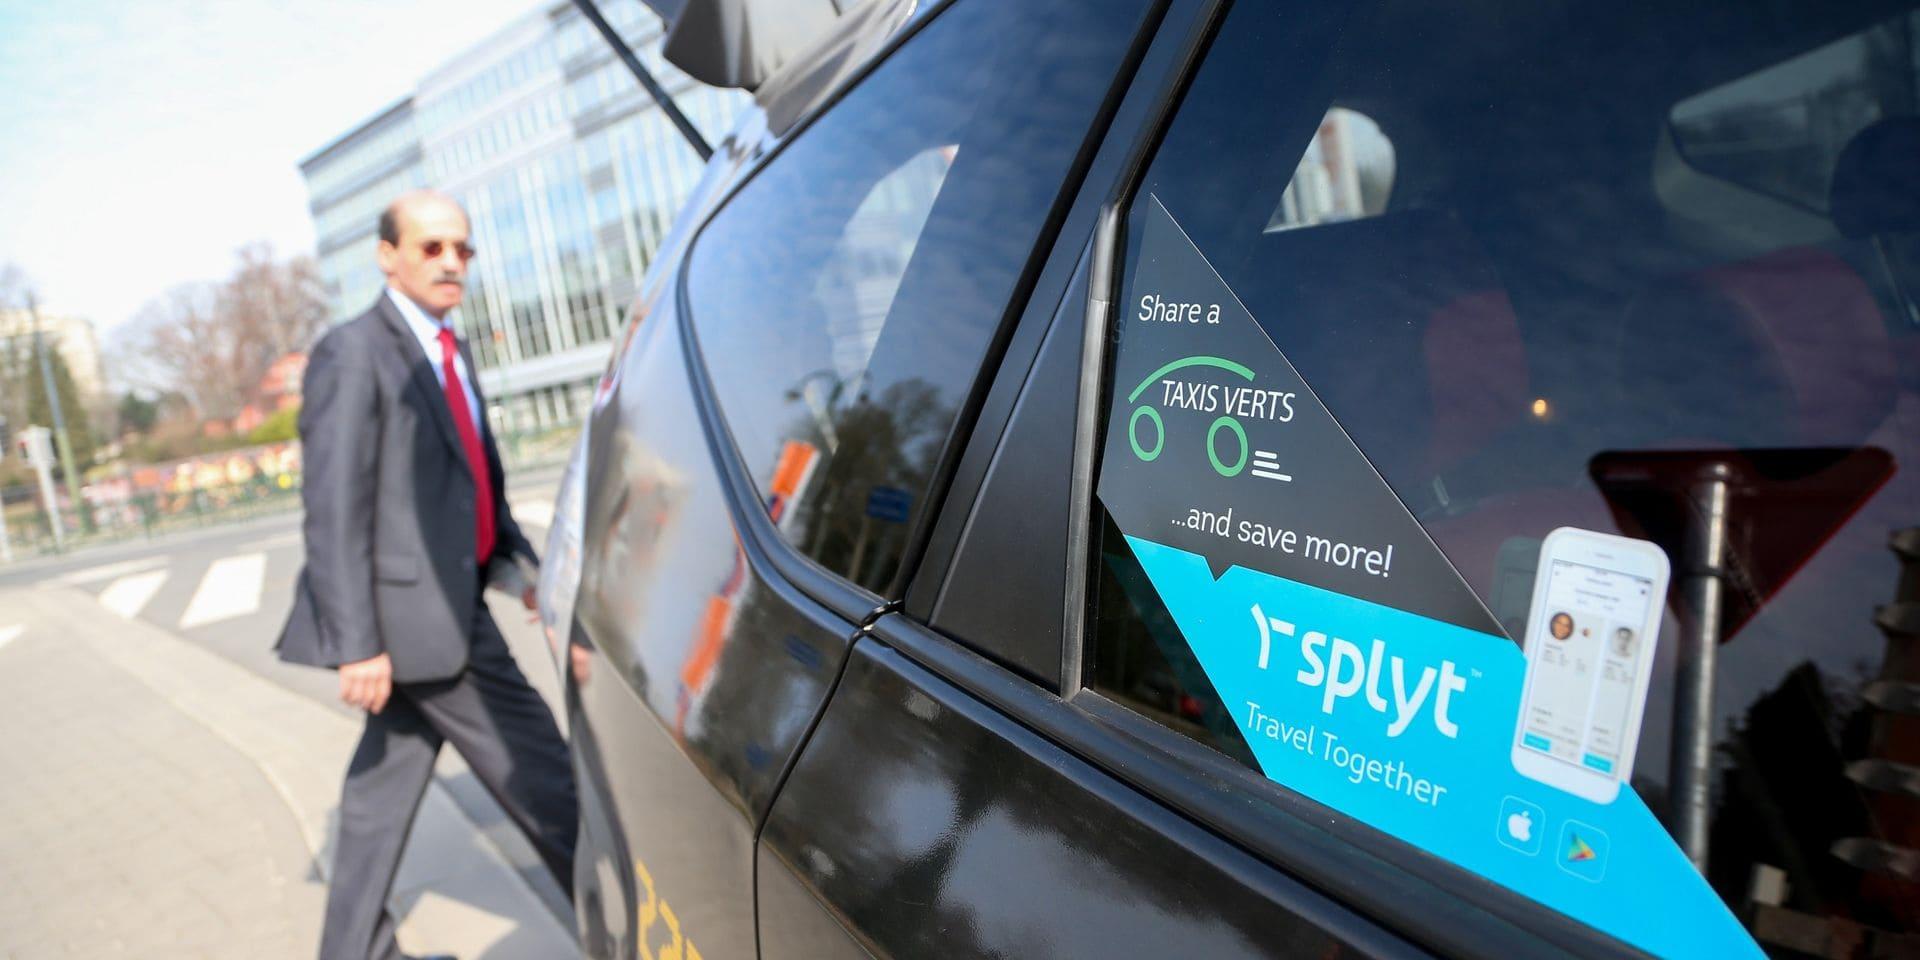 Des bons taxis de 10 euros pour se déplacer vers et depuis des bars et restaurants à Bruxelles